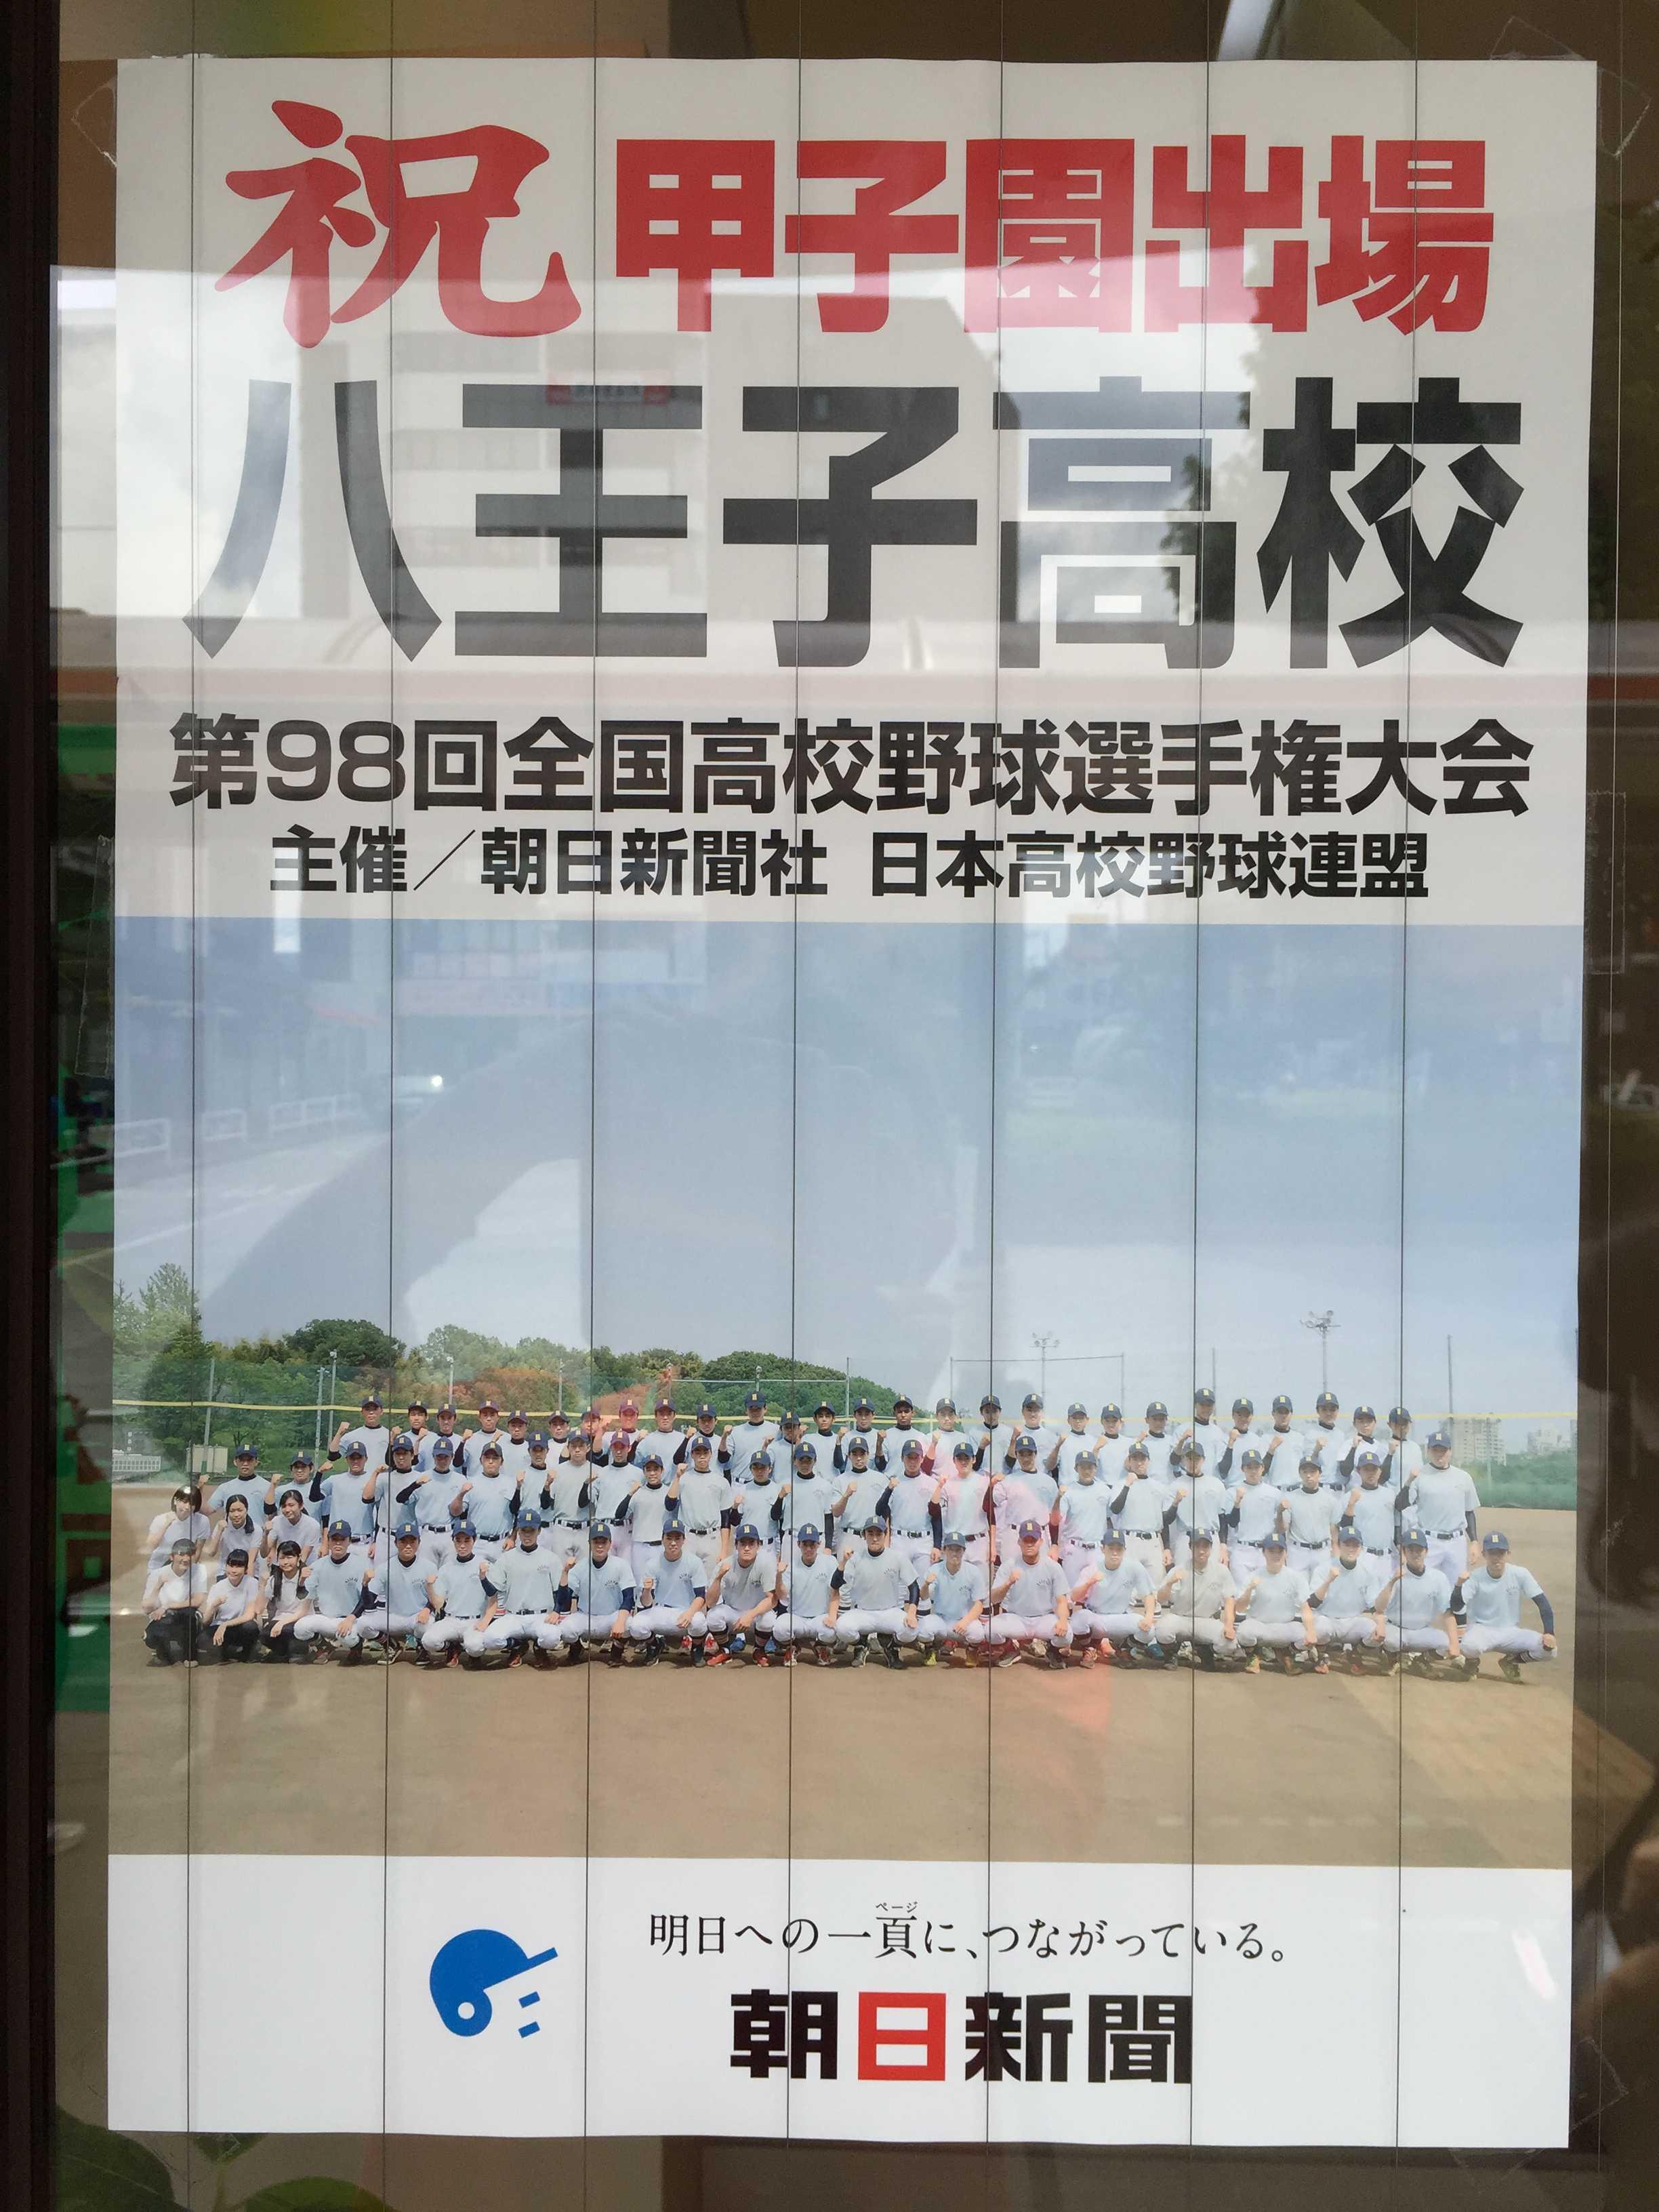 きぬた歯科 「祝 甲子園出場 八王子高校(朝日新聞)」